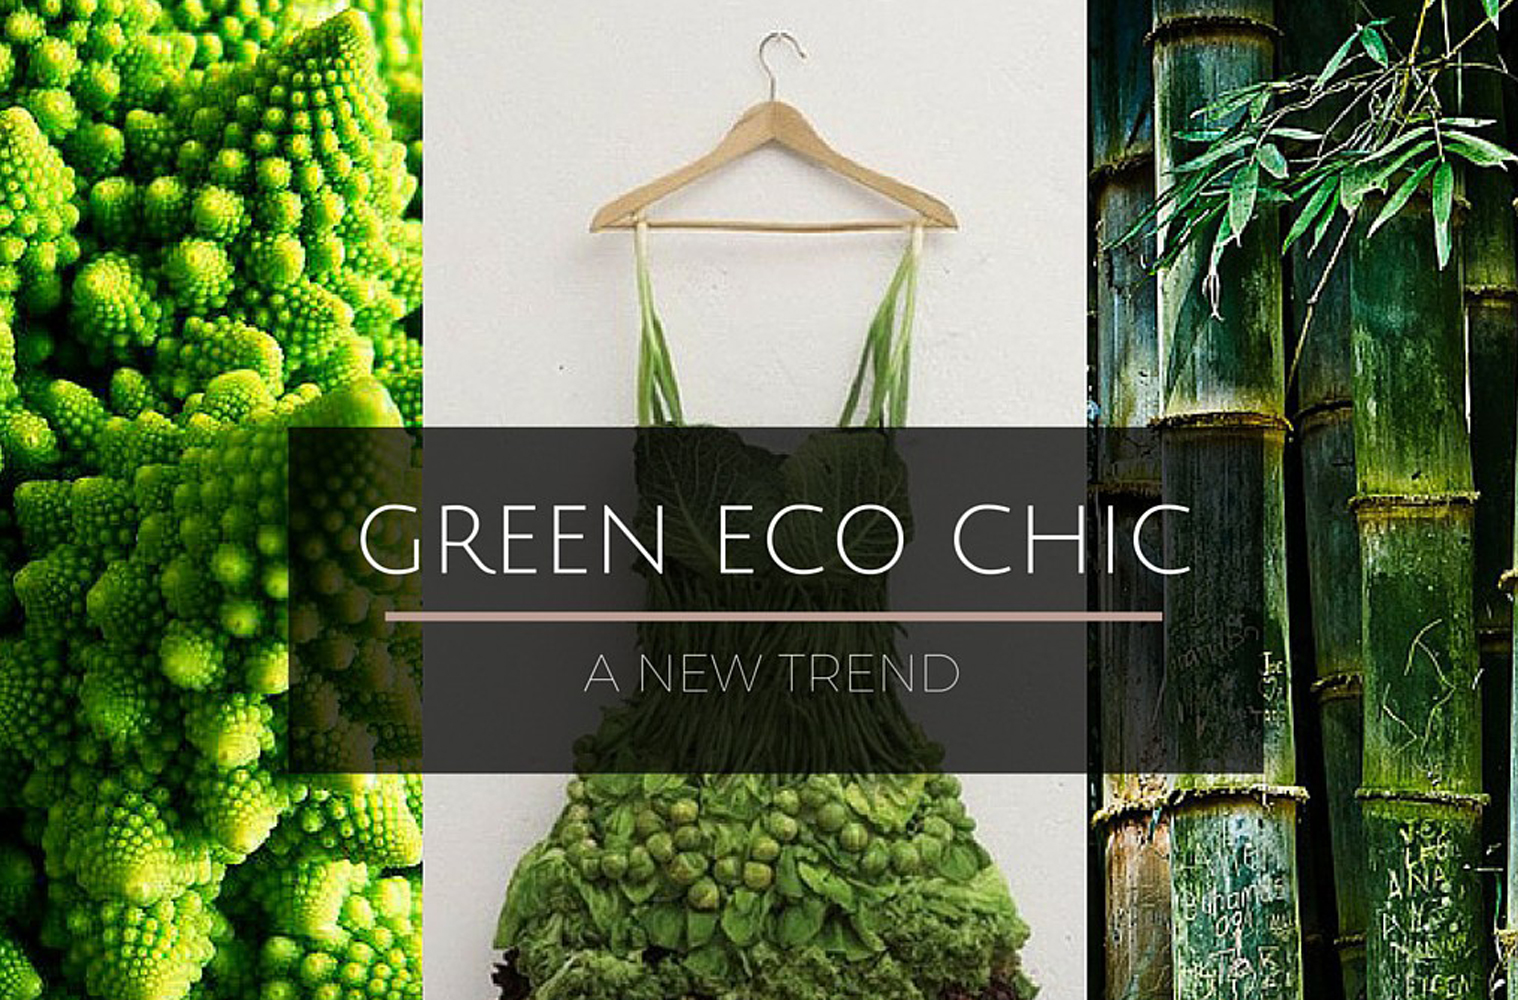 السياسة الخضراء: اتجاه نمط الحياة